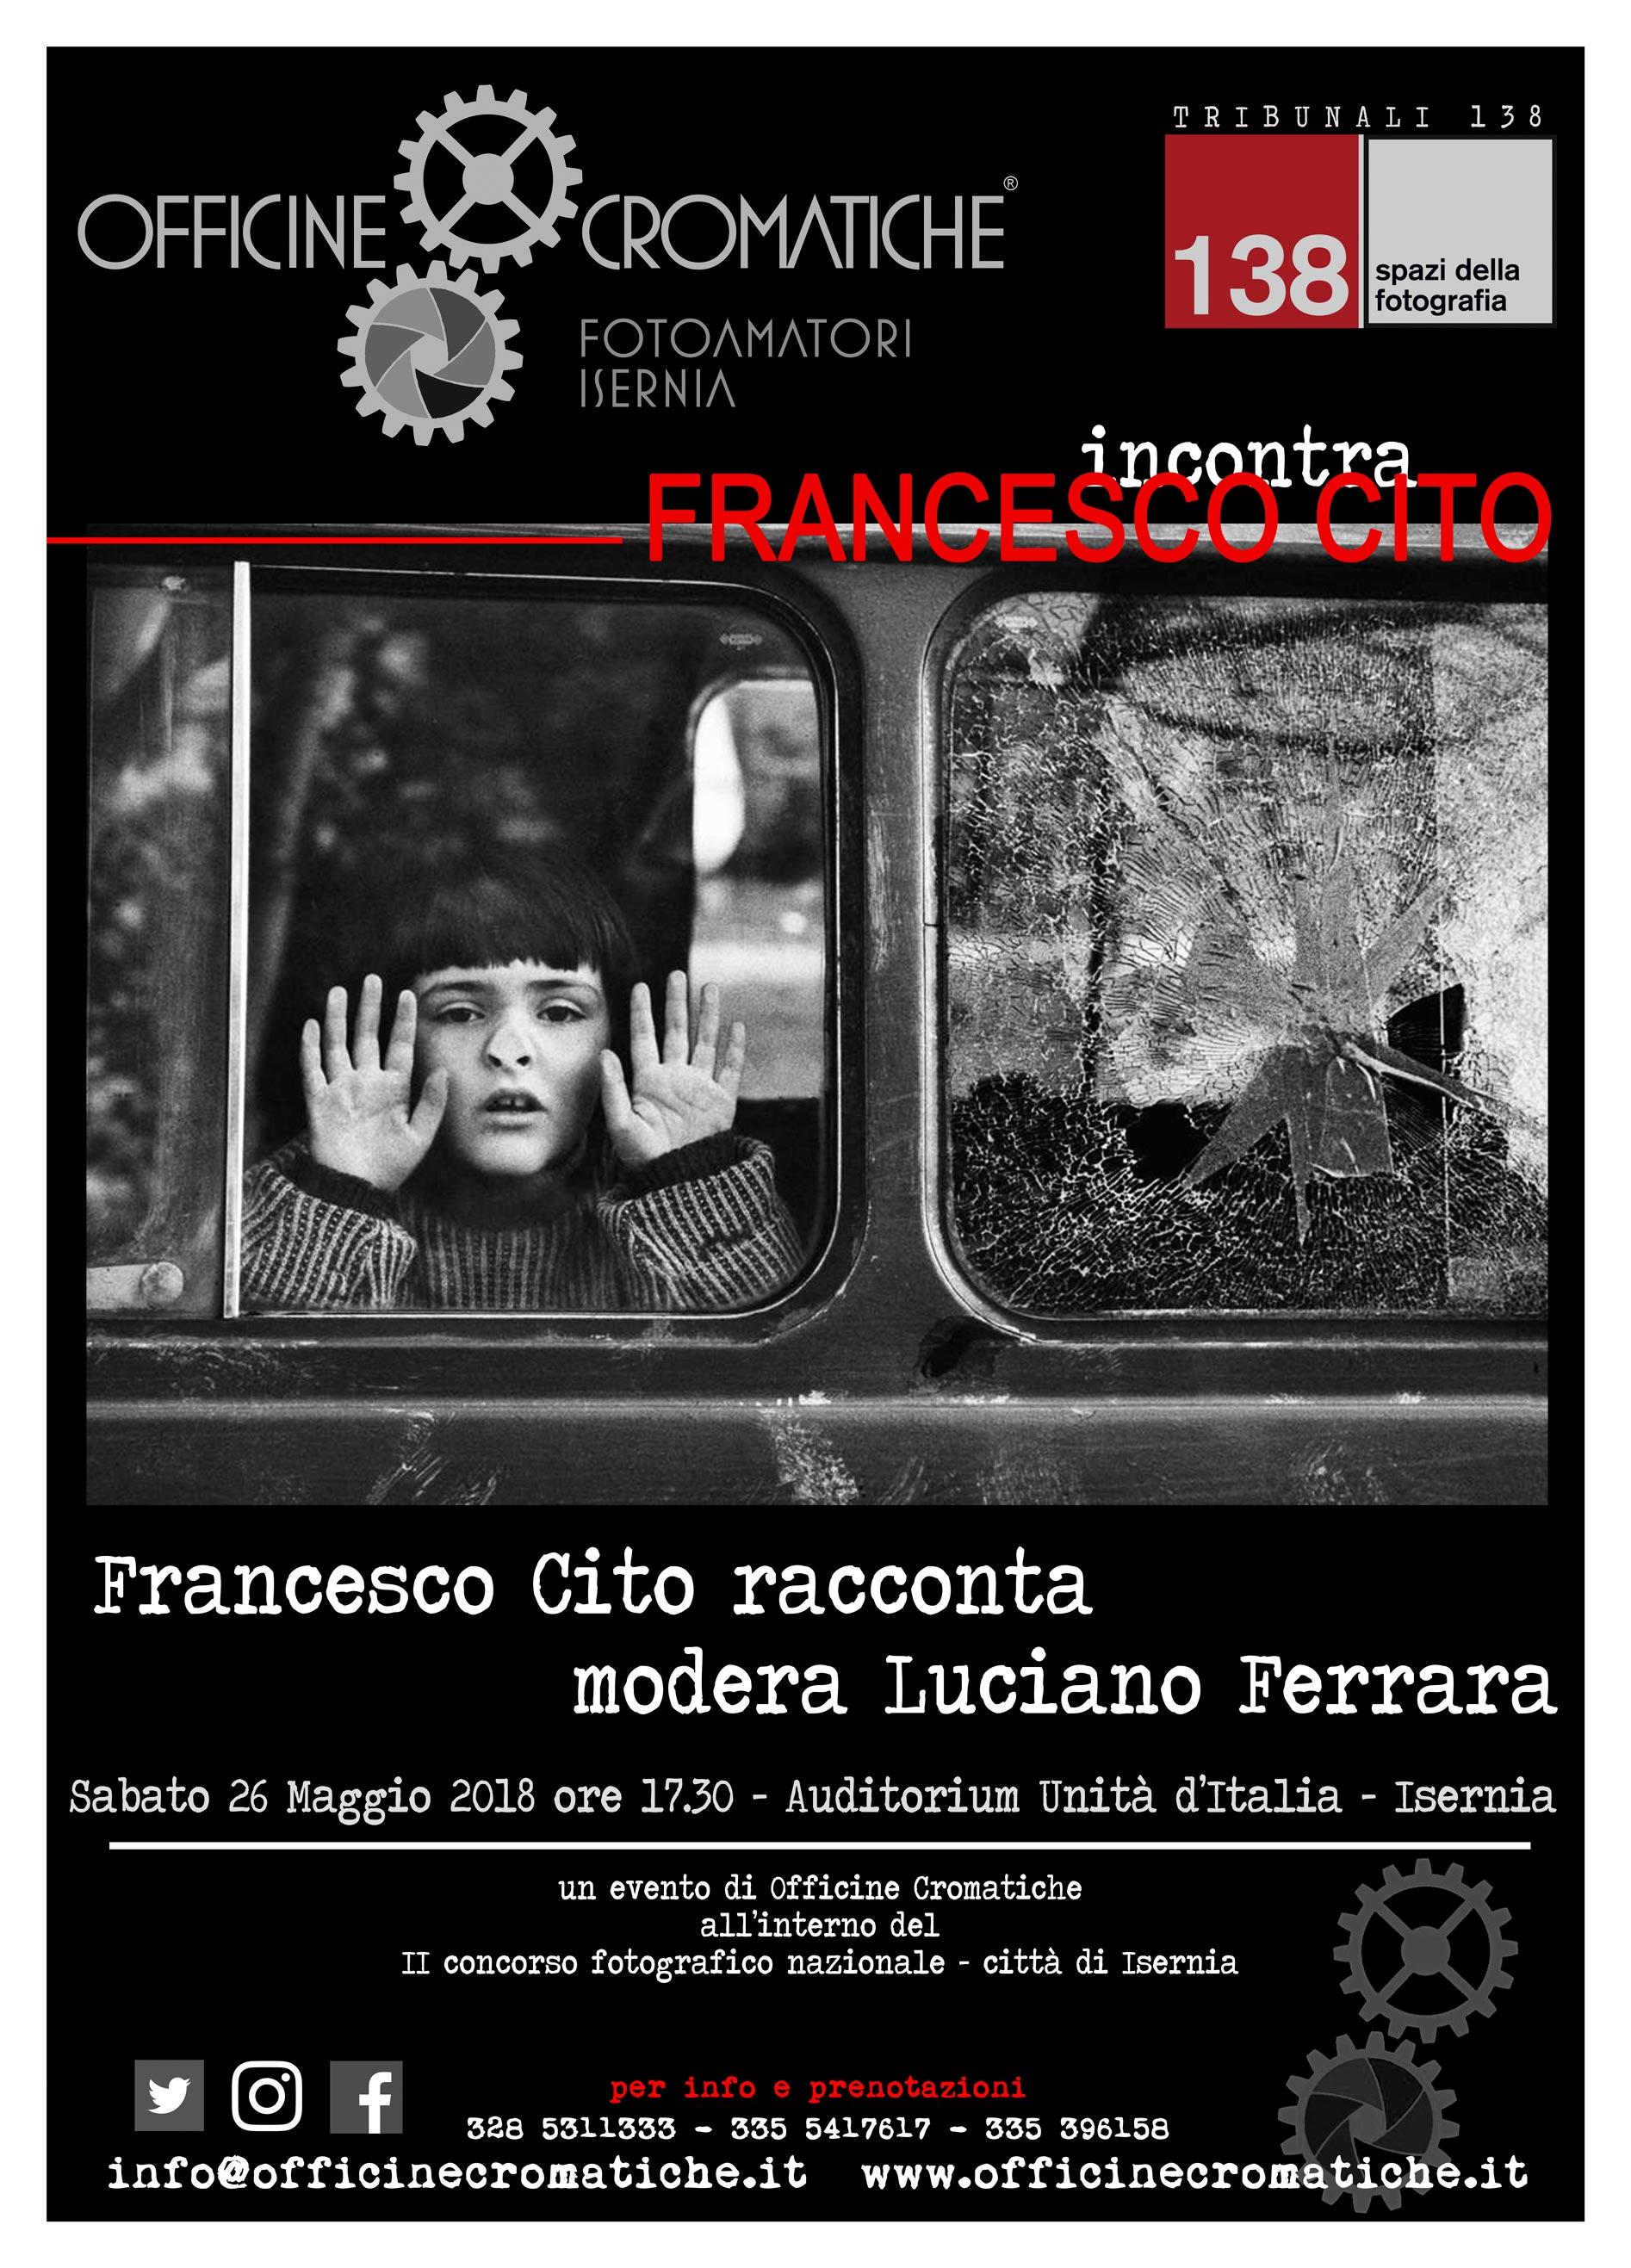 INCONTRO CON IL FOTOGRAFO FRANCESCO CITO - 26 Maggio 2018